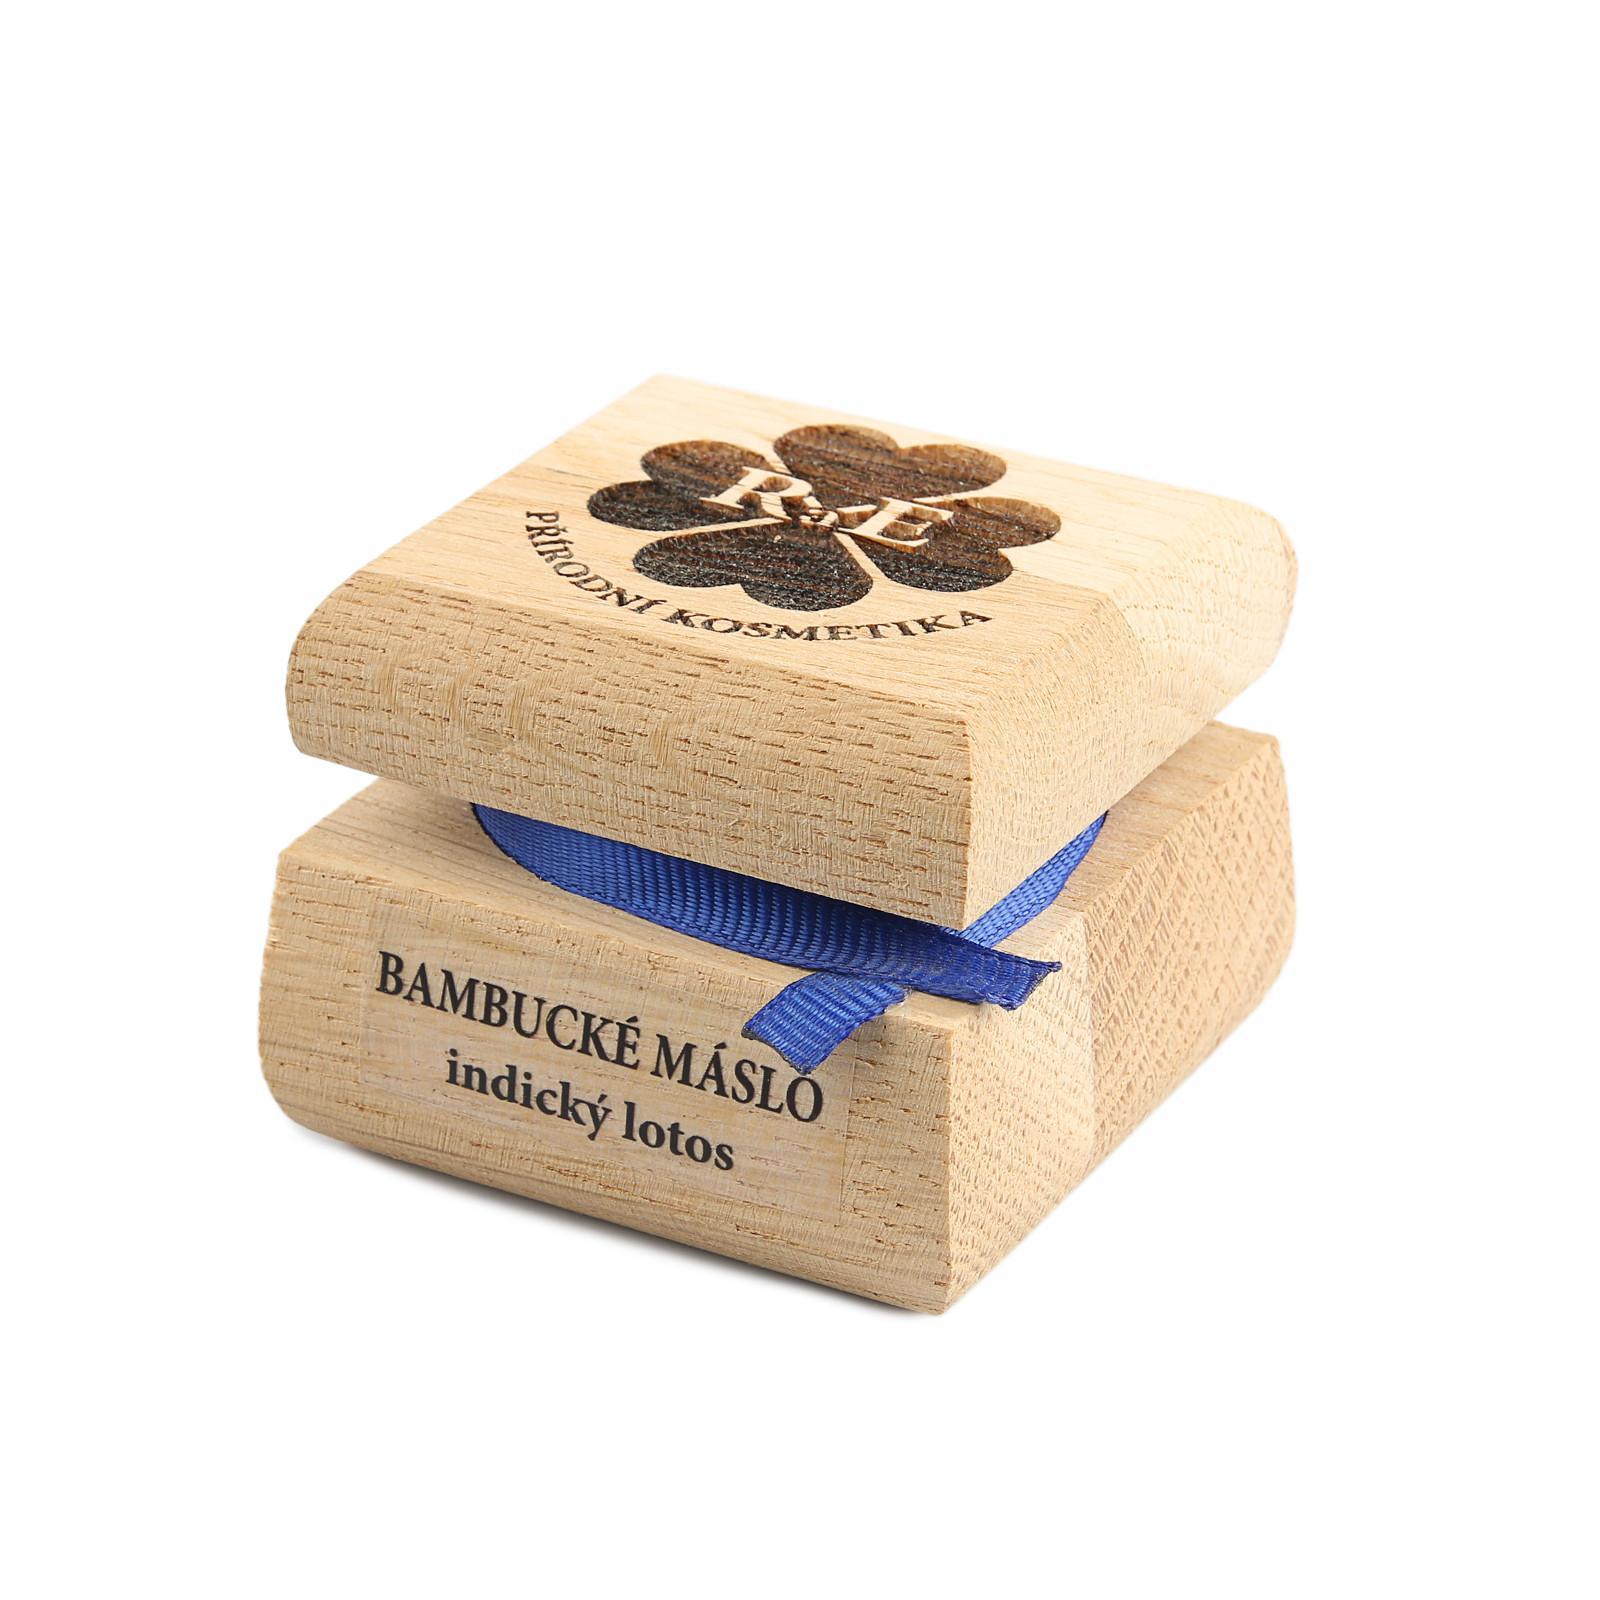 RaE Bambucké máslo indický lotos 30 ml, dřevěný obal